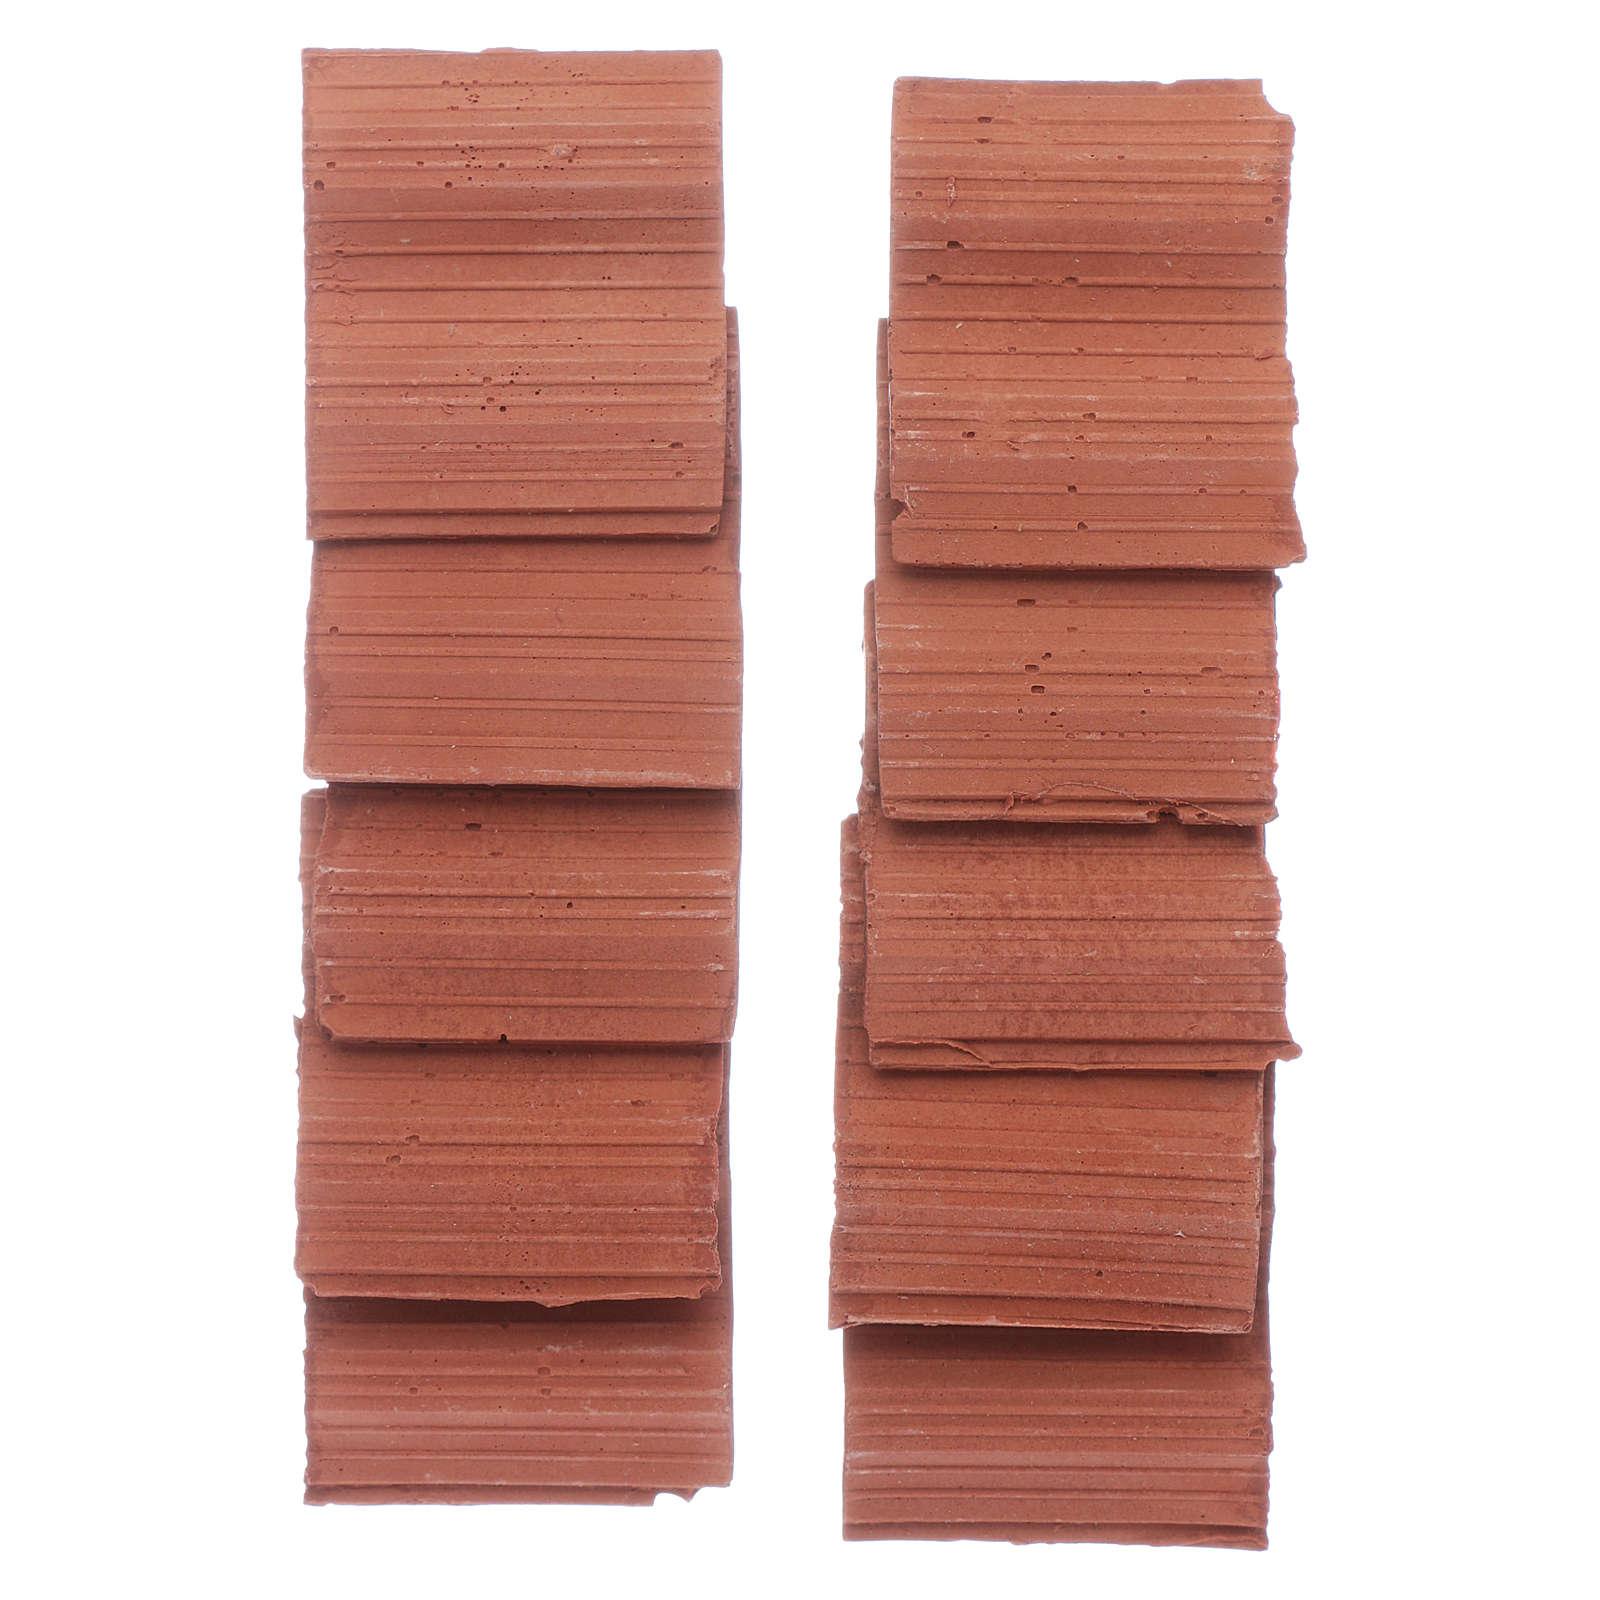 Teja doble ola estilo romano - set 10 piezas 4